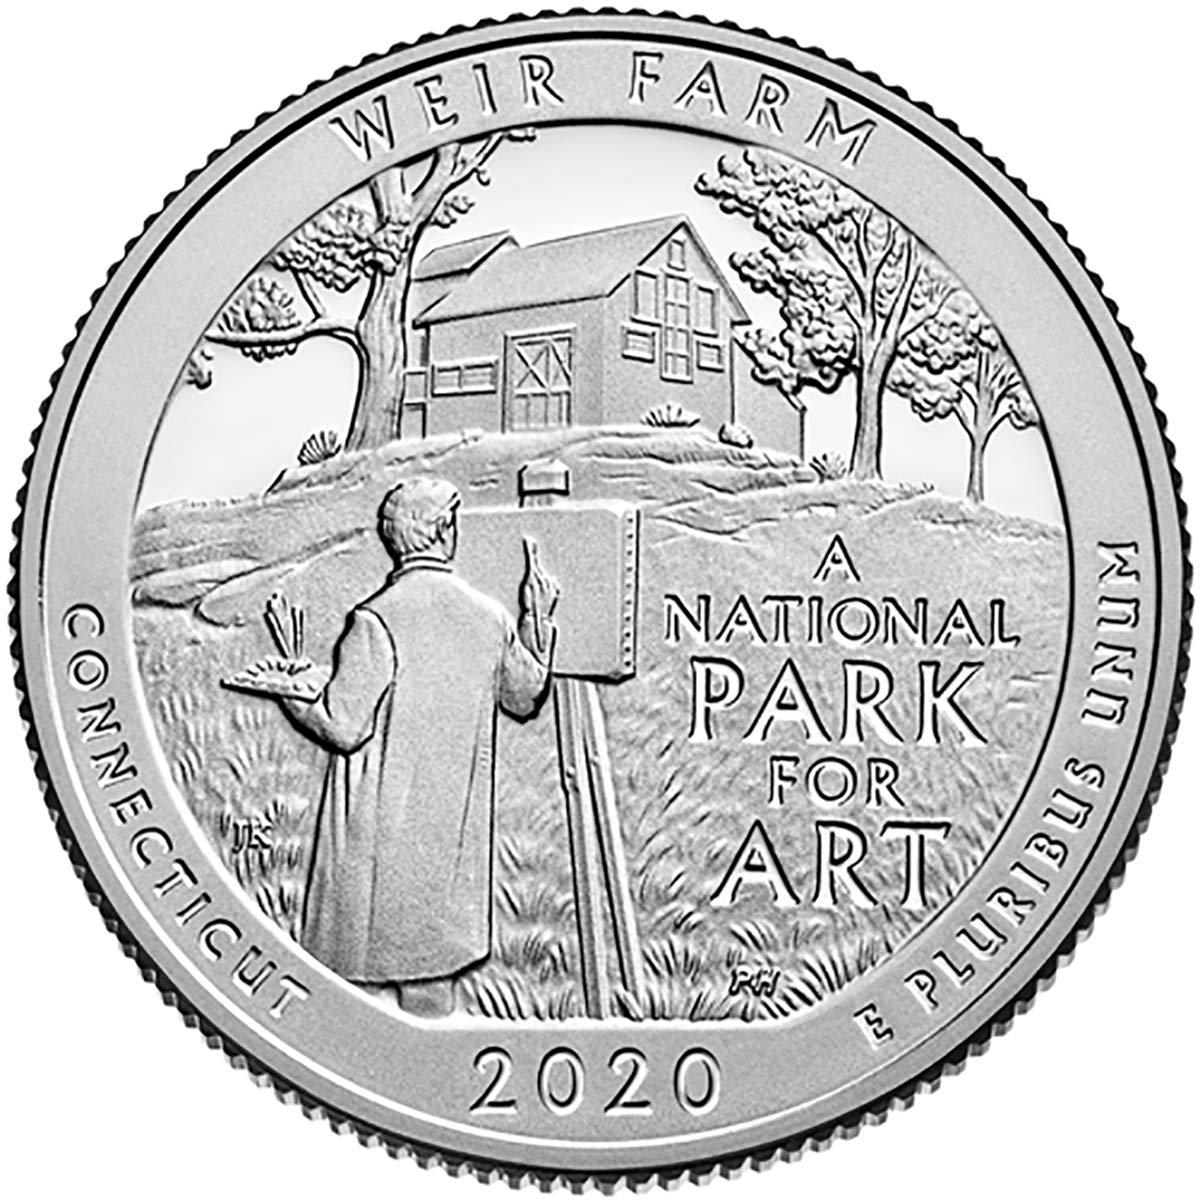 2020 W Weir Farm National Historic Single Quarter Denver Mall Our shop most popular Quar Coin Site